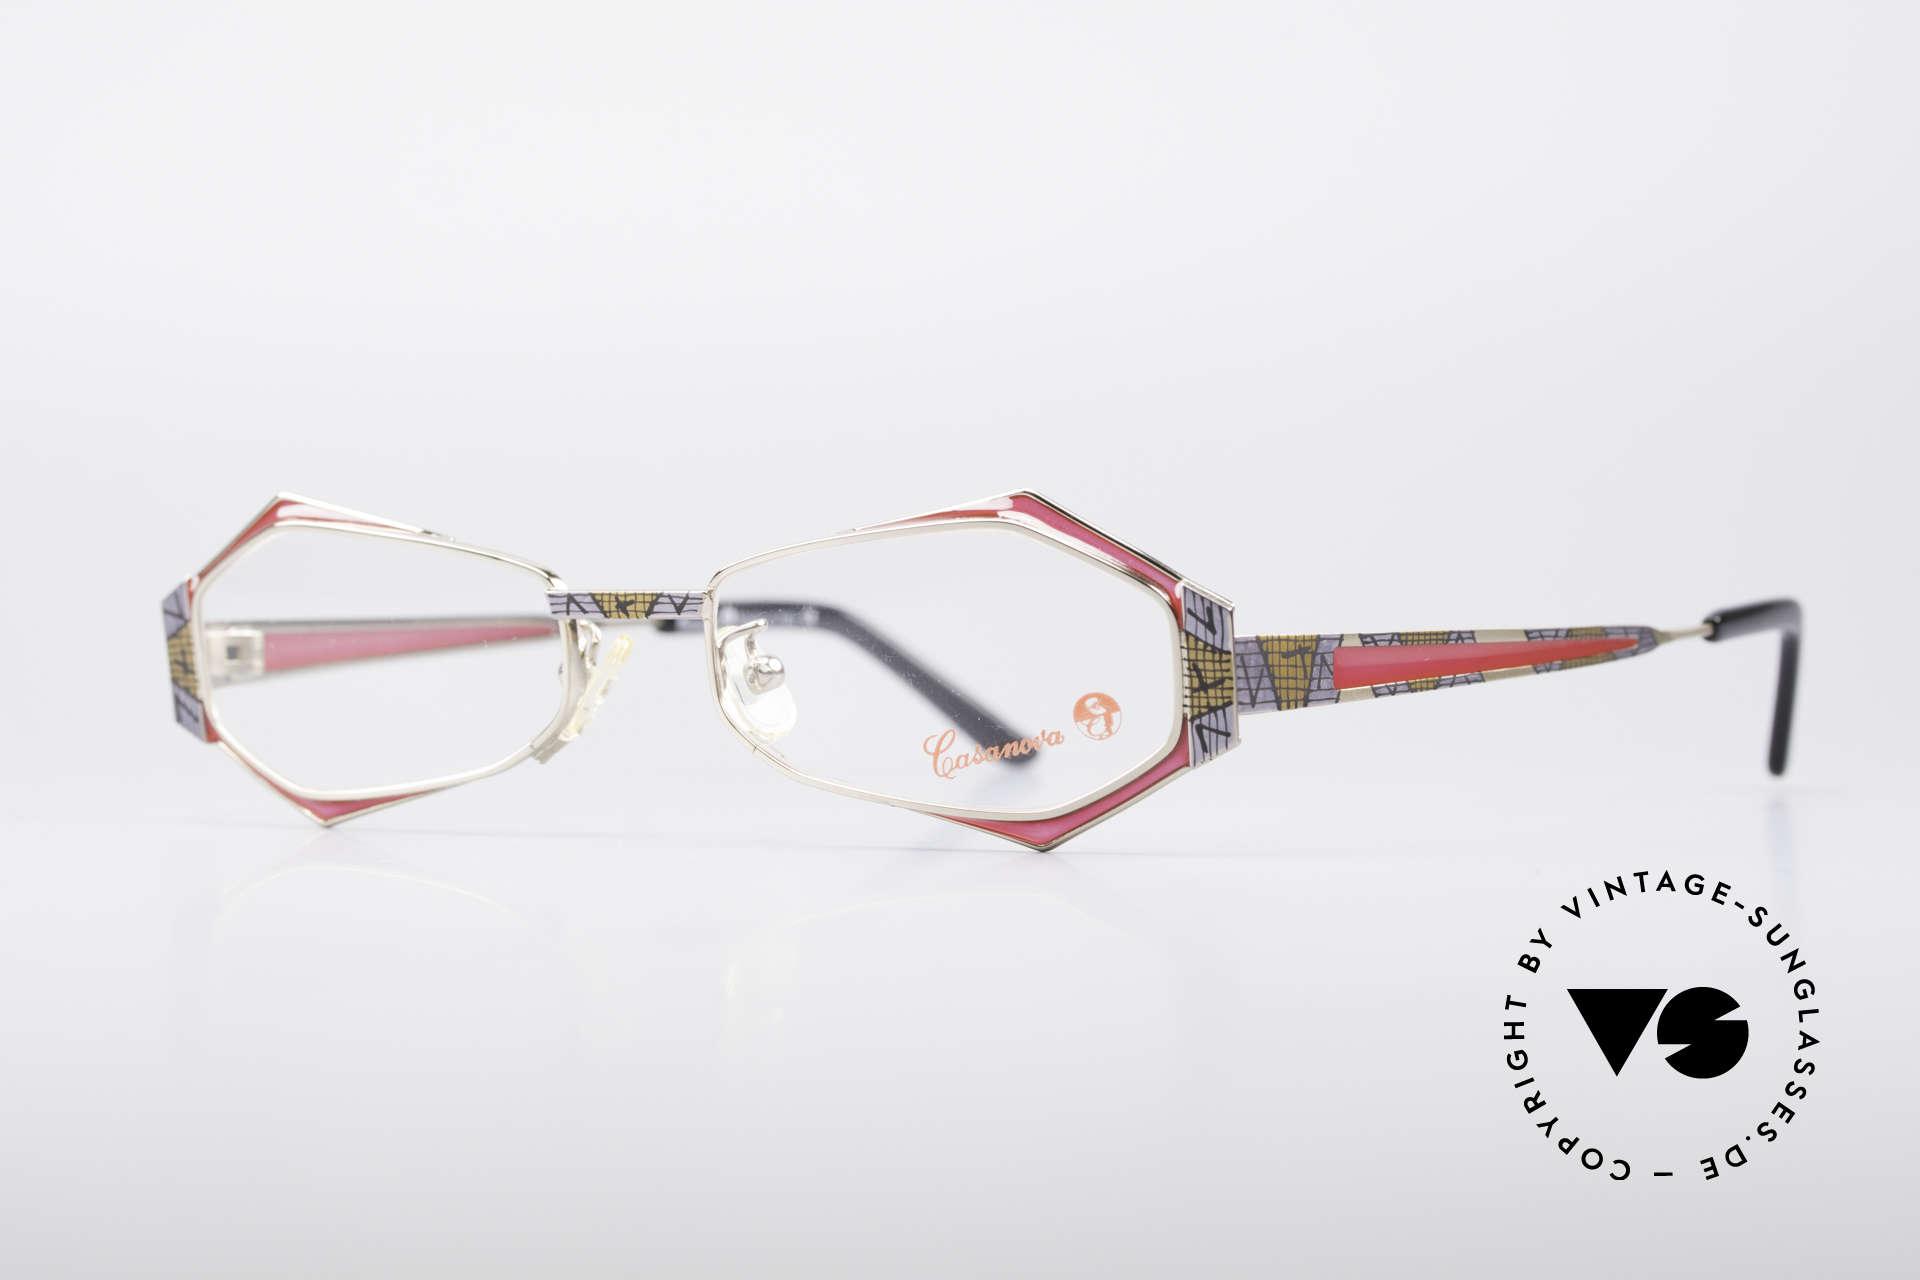 Casanova LC54 Damen Vintage Brille, eine wirklich sehr außergewöhnliche Designer-Brille!, Passend für Damen